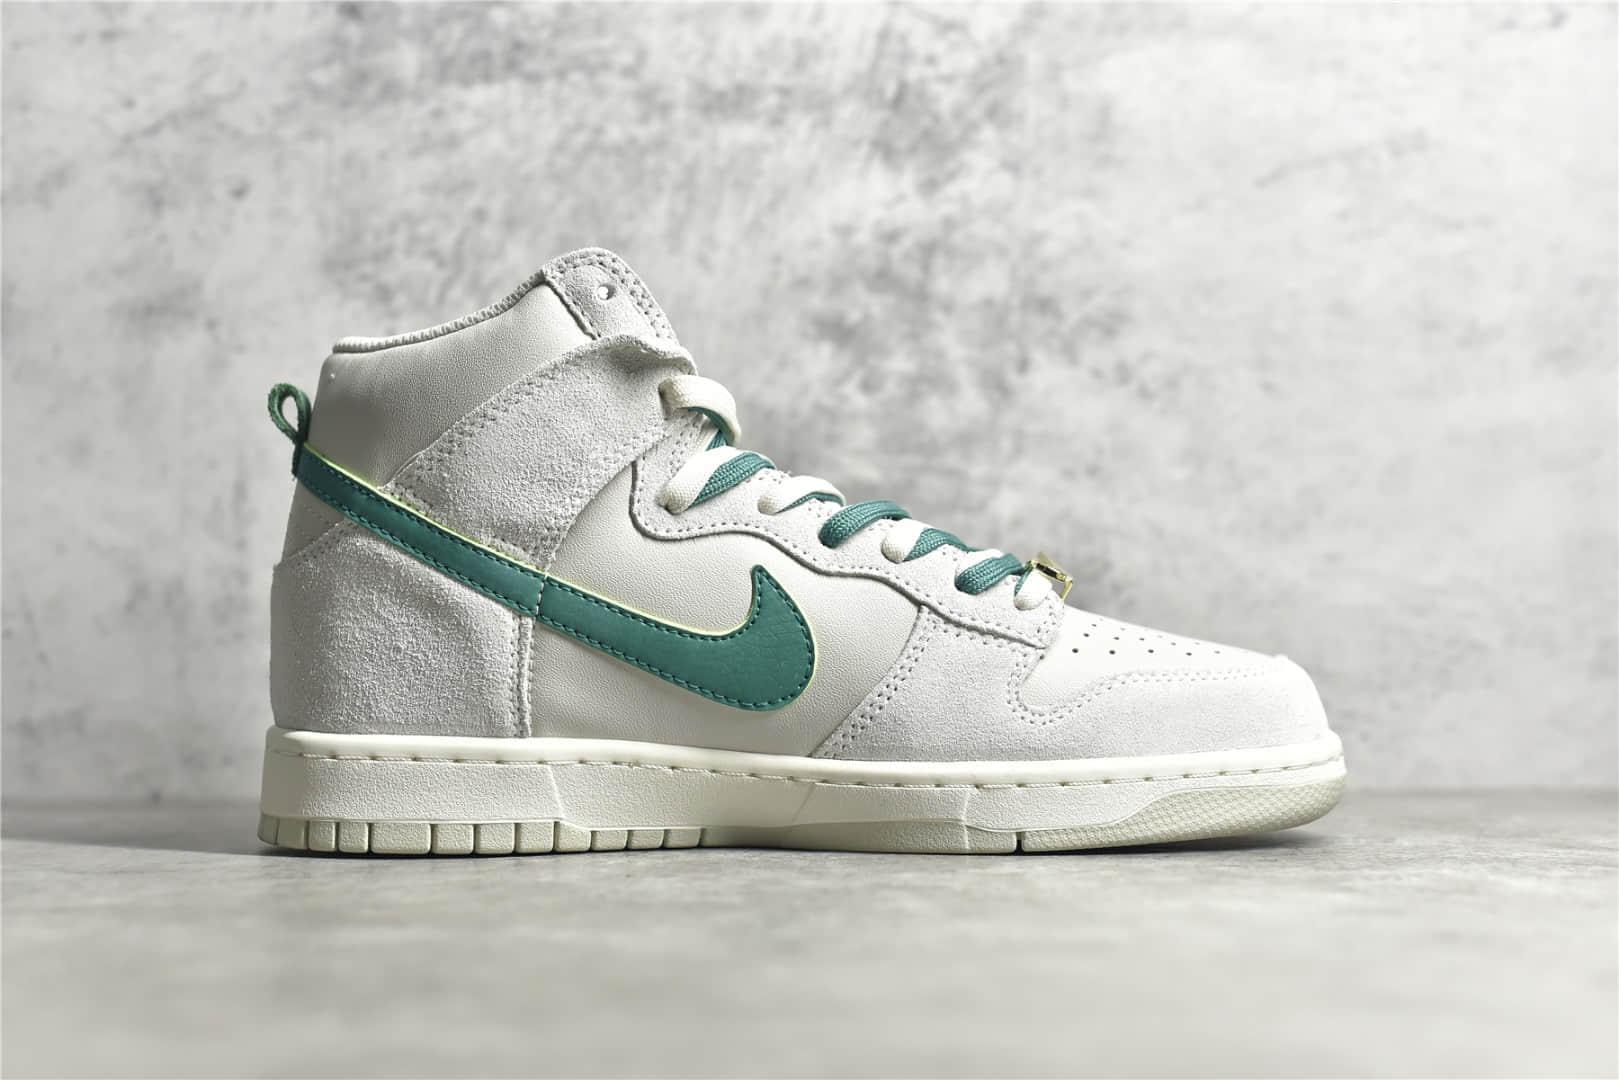 Nike Dunk高帮板鞋白绿色 Nike Dunk High SE 耐克Dunk麂皮高帮 纯原版本耐克Dunk 货号:DH0960-001-潮流者之家